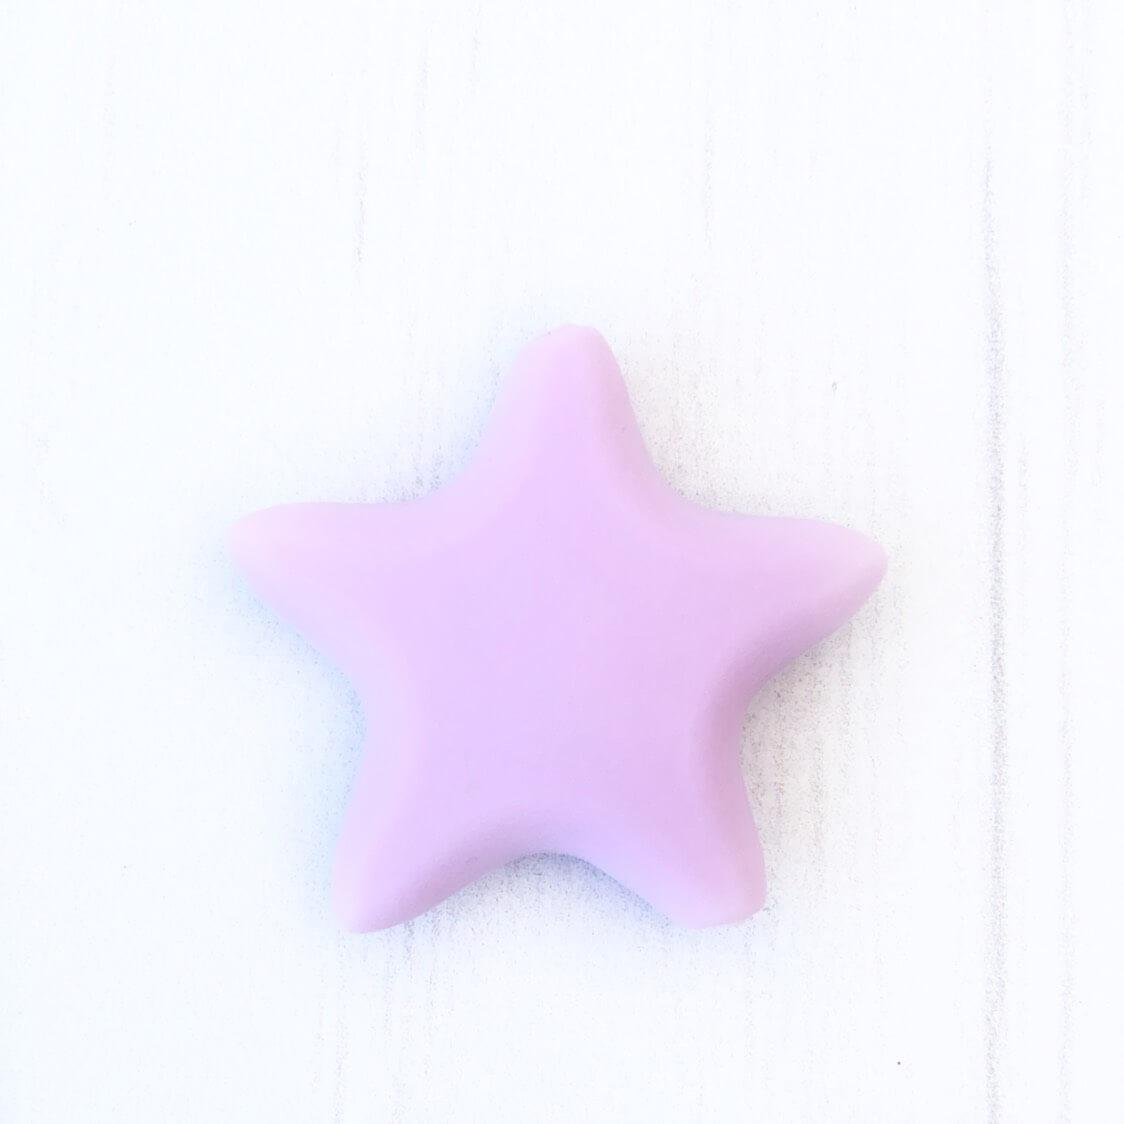 Звезда острокон. (лаванда), бусины из пищевого силикона